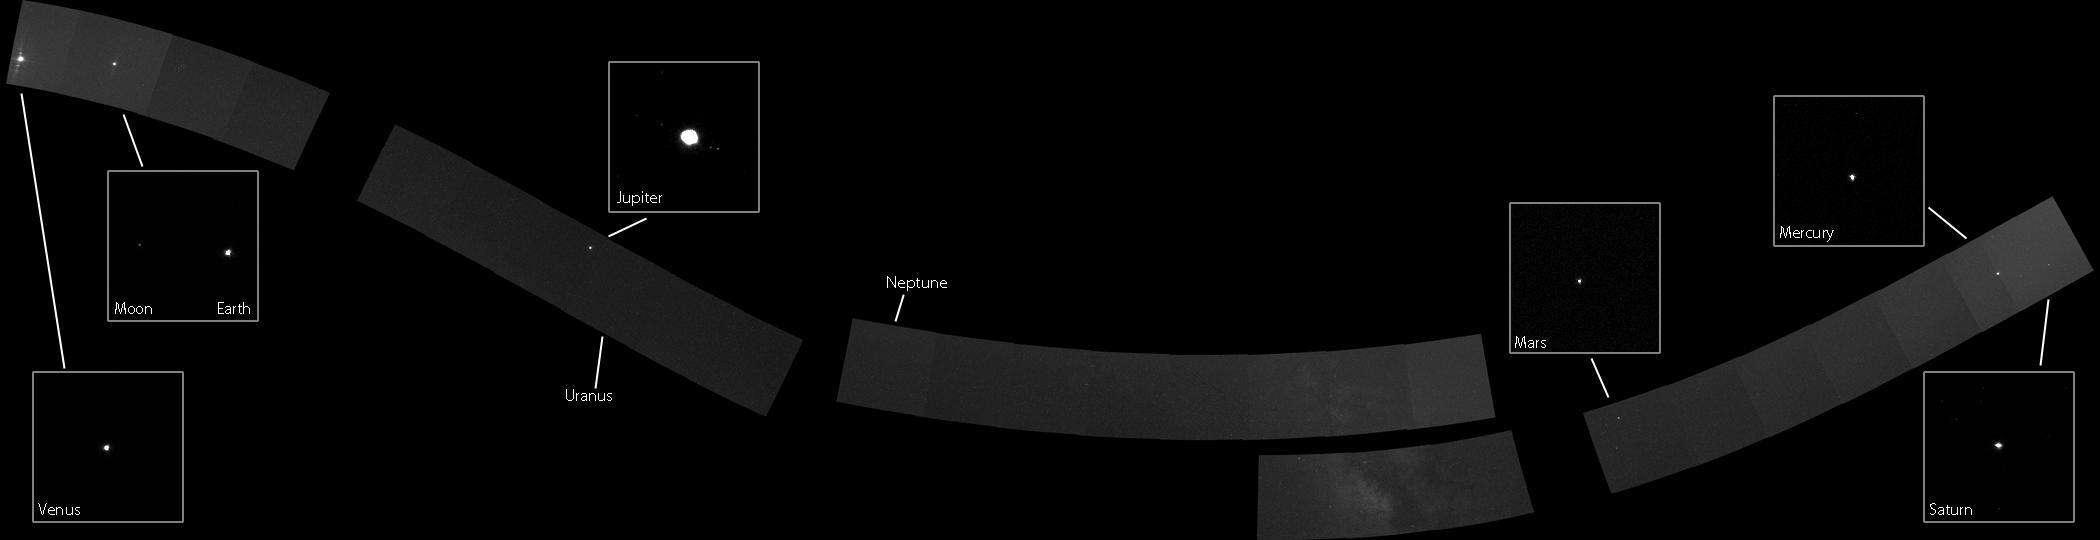 nasa solar system portrait - photo #42